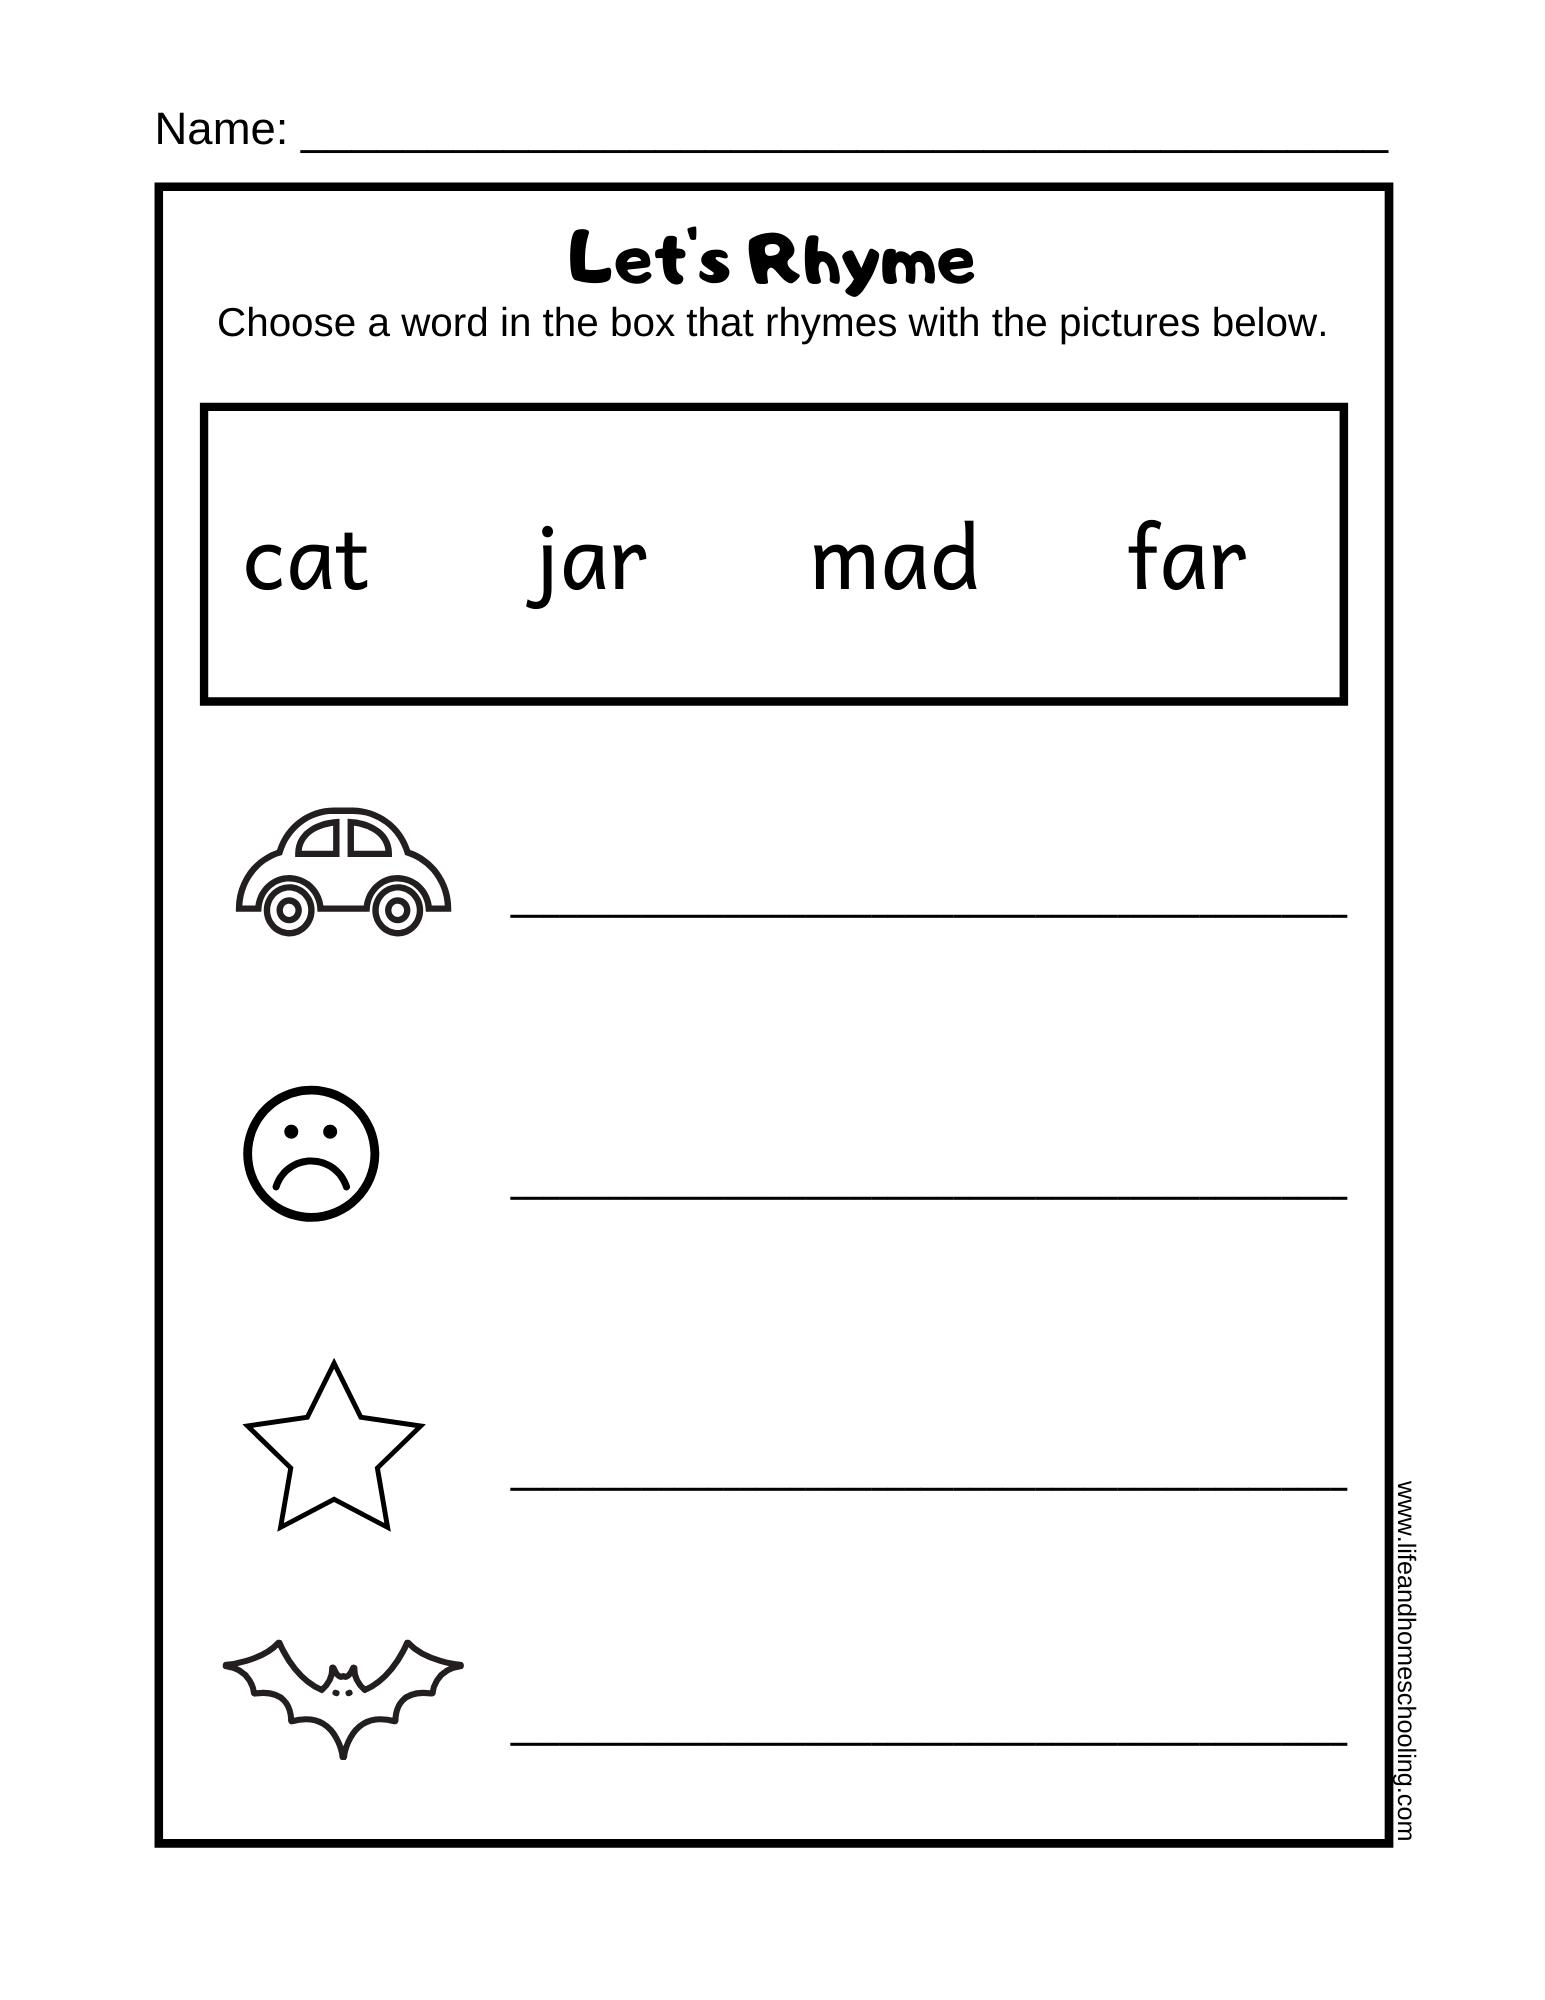 Free Rhyming Printable Worksheet Life And Homeschooling